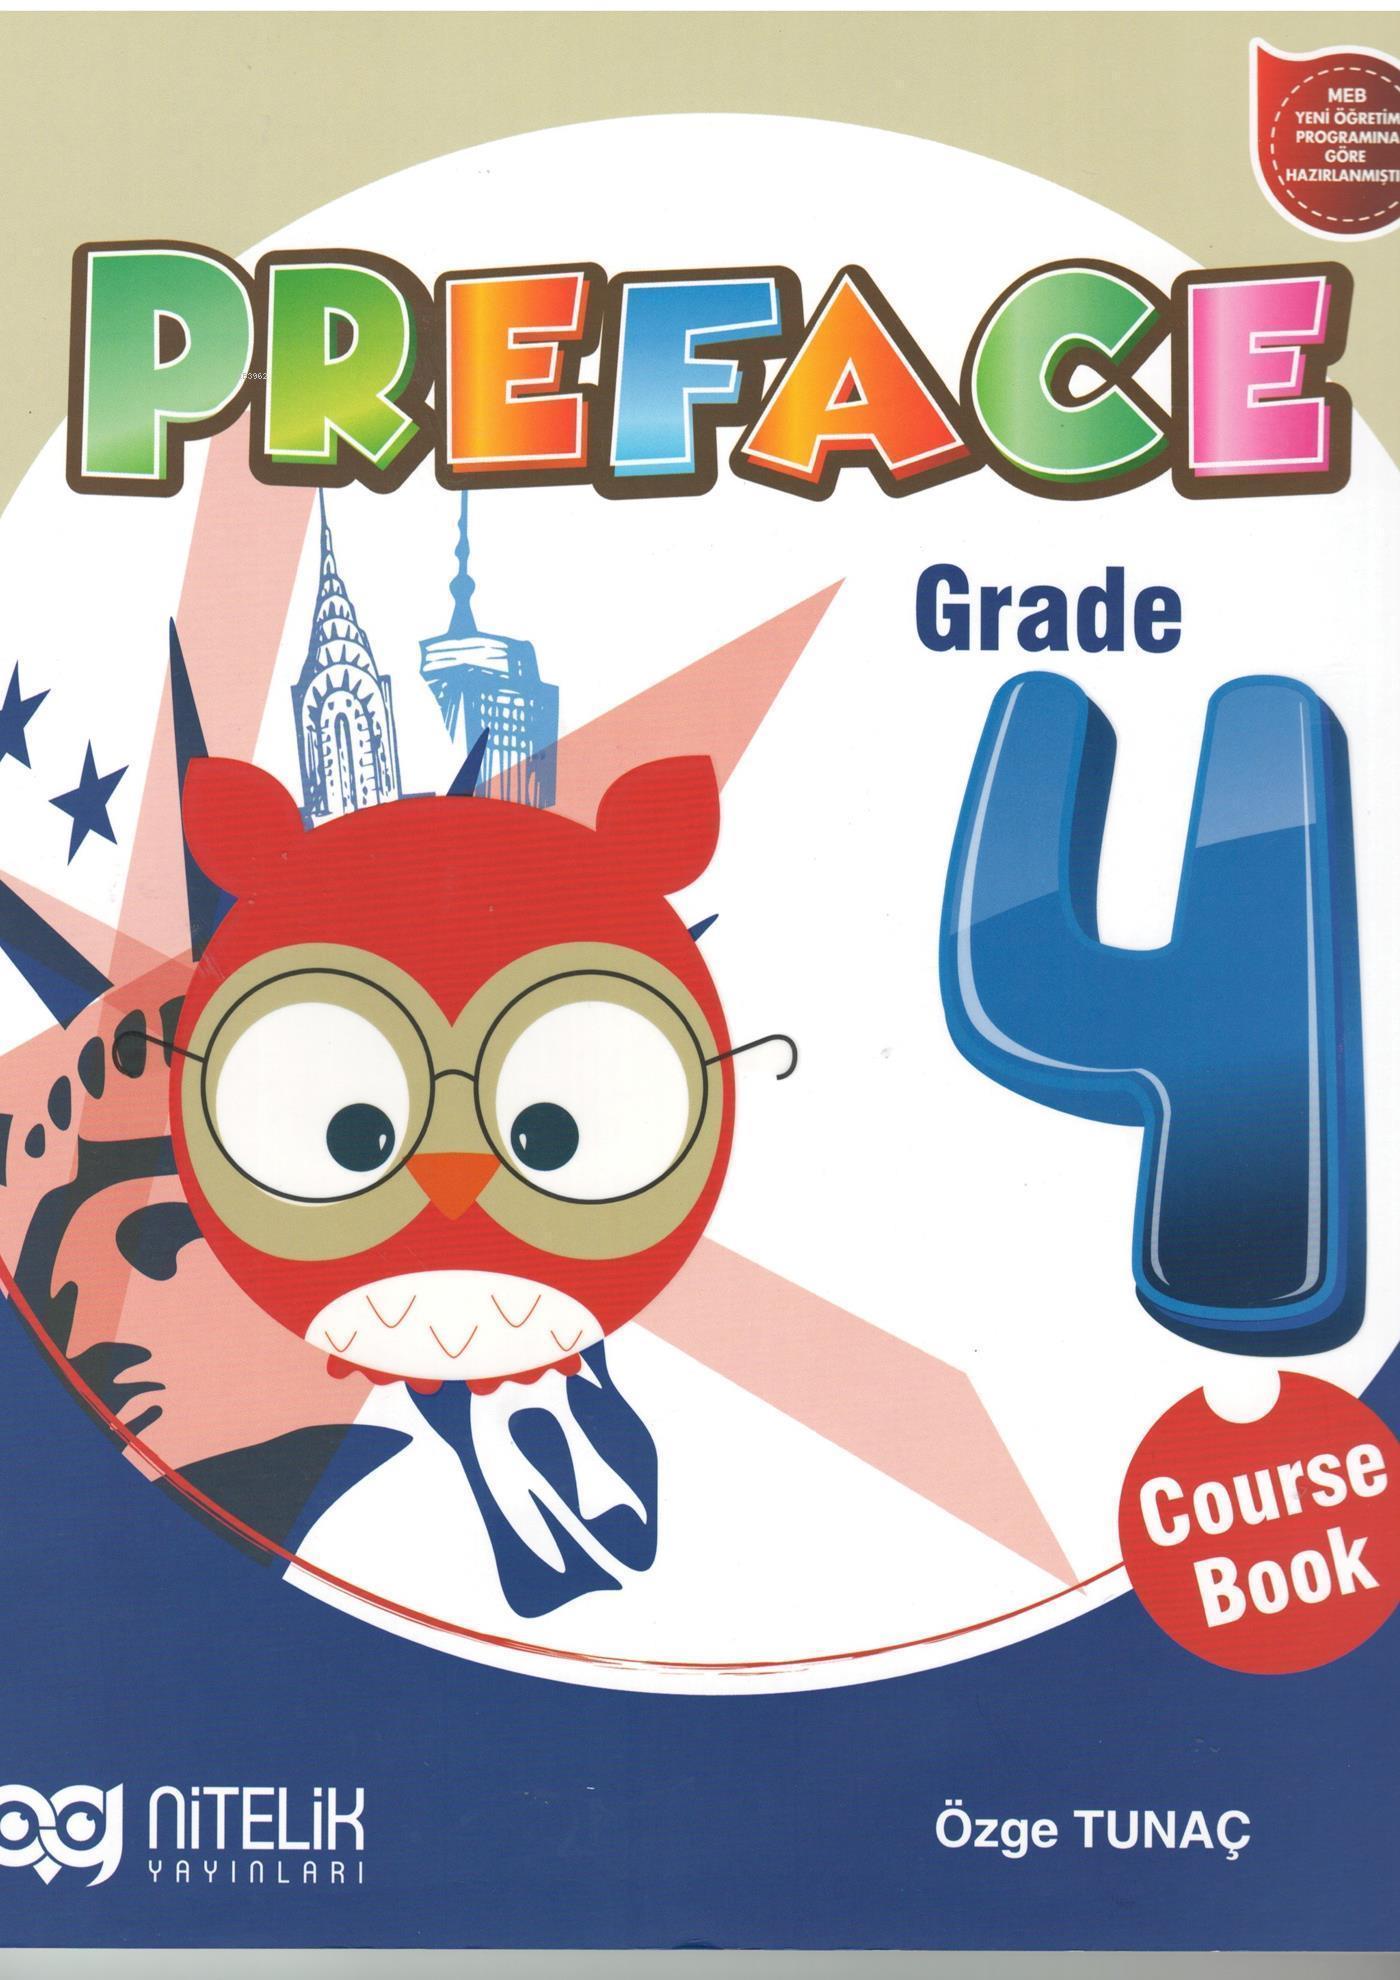 Nitelik Yayınları 4. Sınıf İngilizce Preface Course Book Nitelik